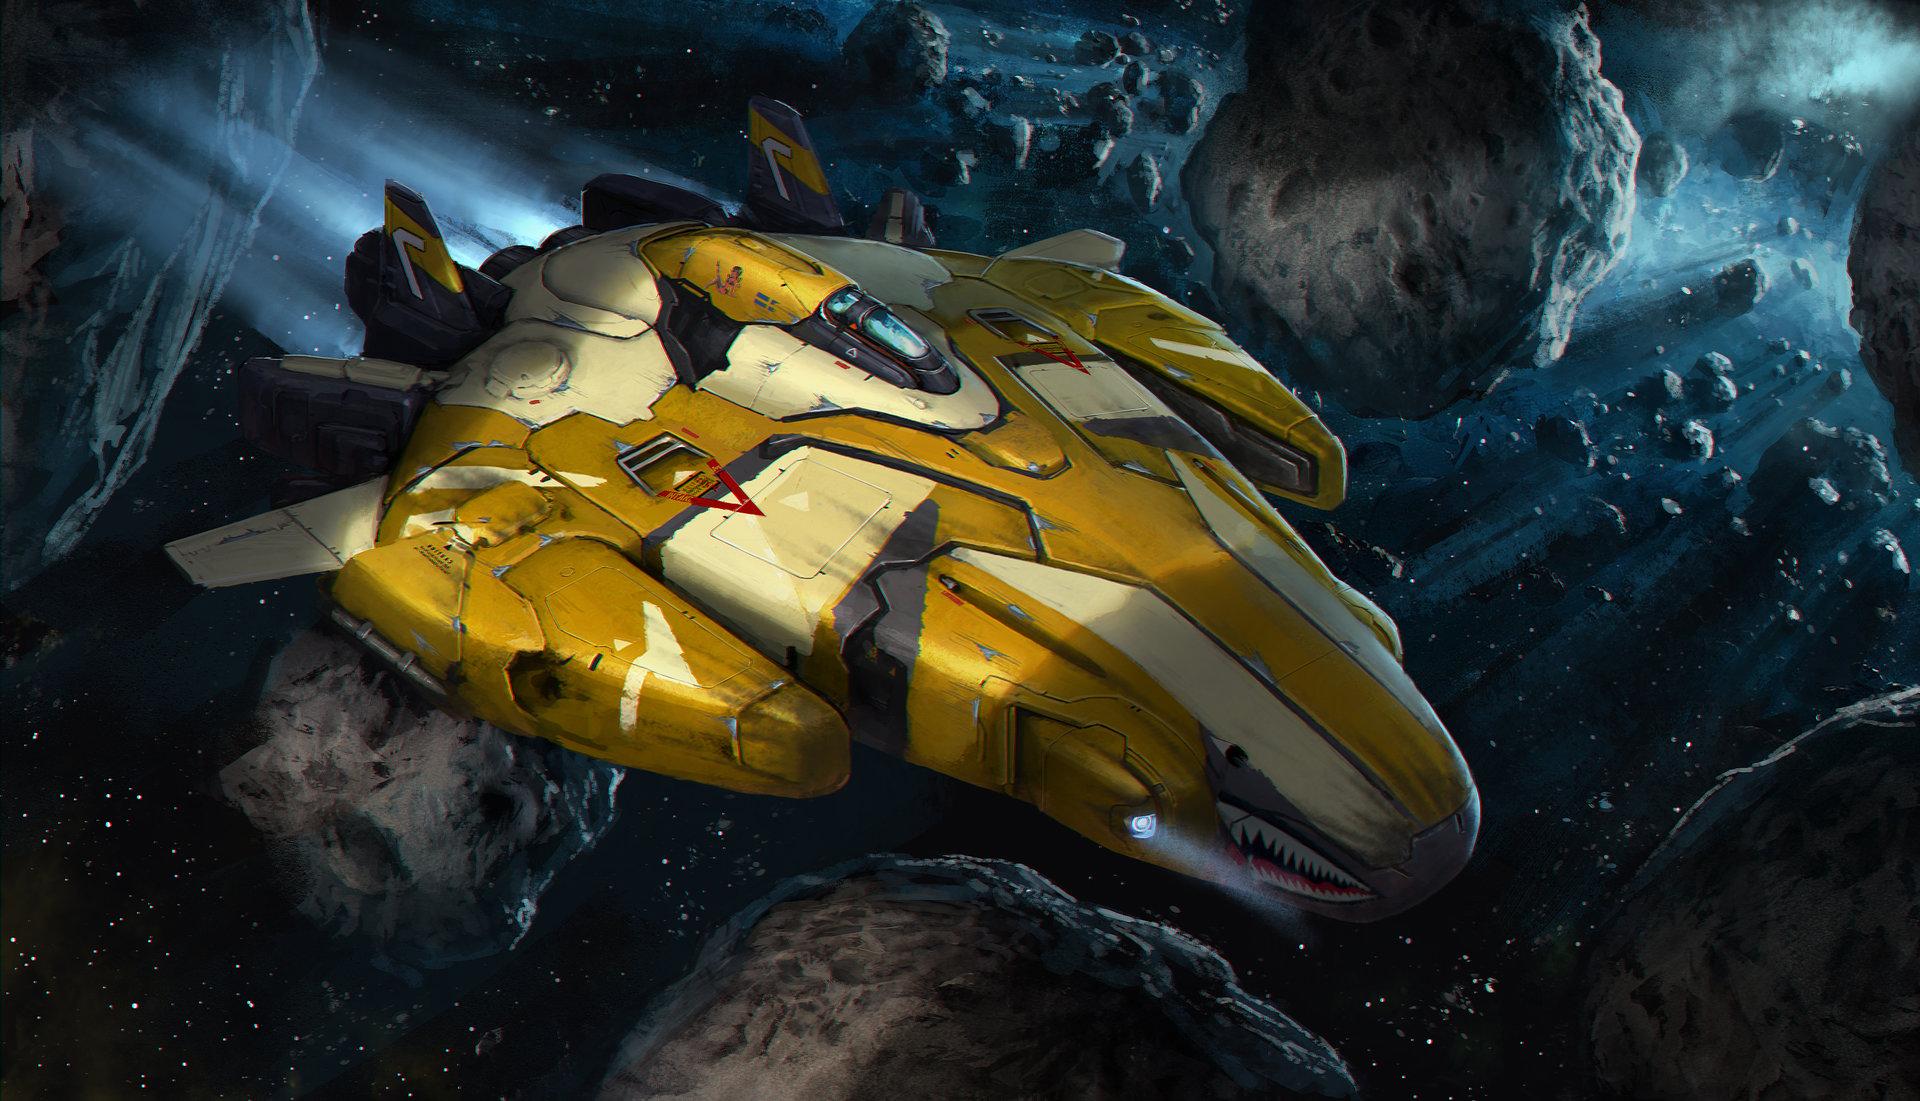 Spaceship - Yellow eagle